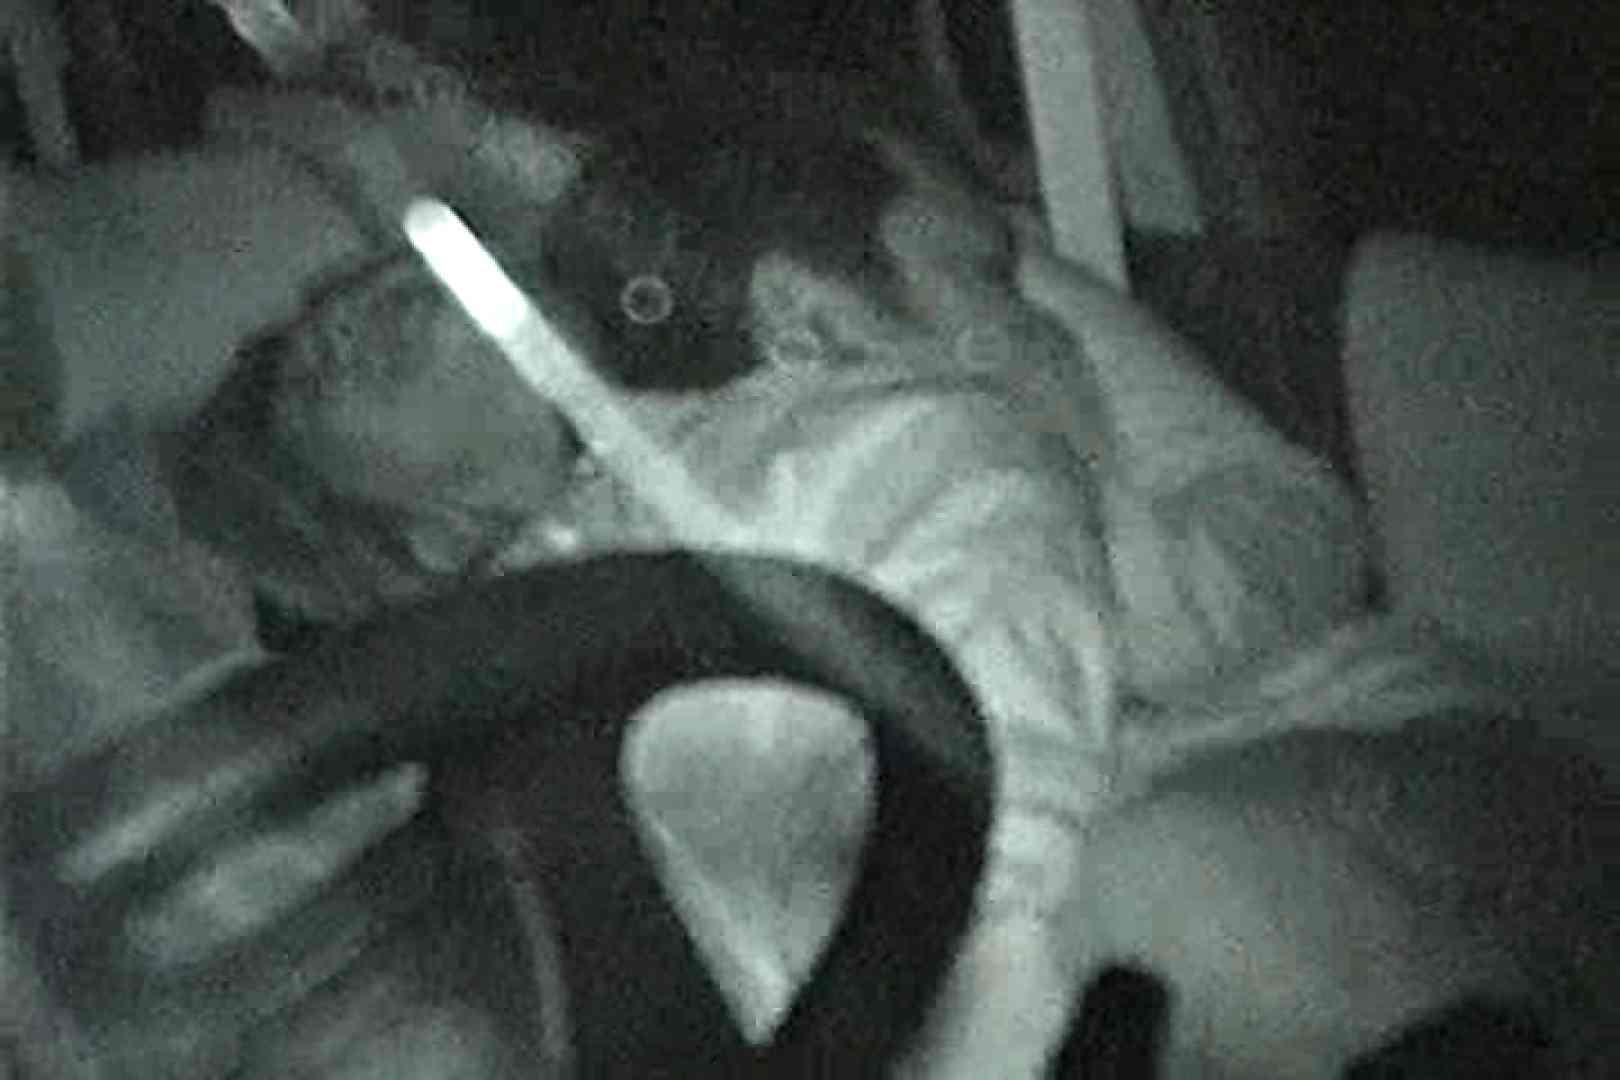 充血監督の深夜の運動会Vol.37 OLセックス のぞきおめこ無修正画像 57画像 23